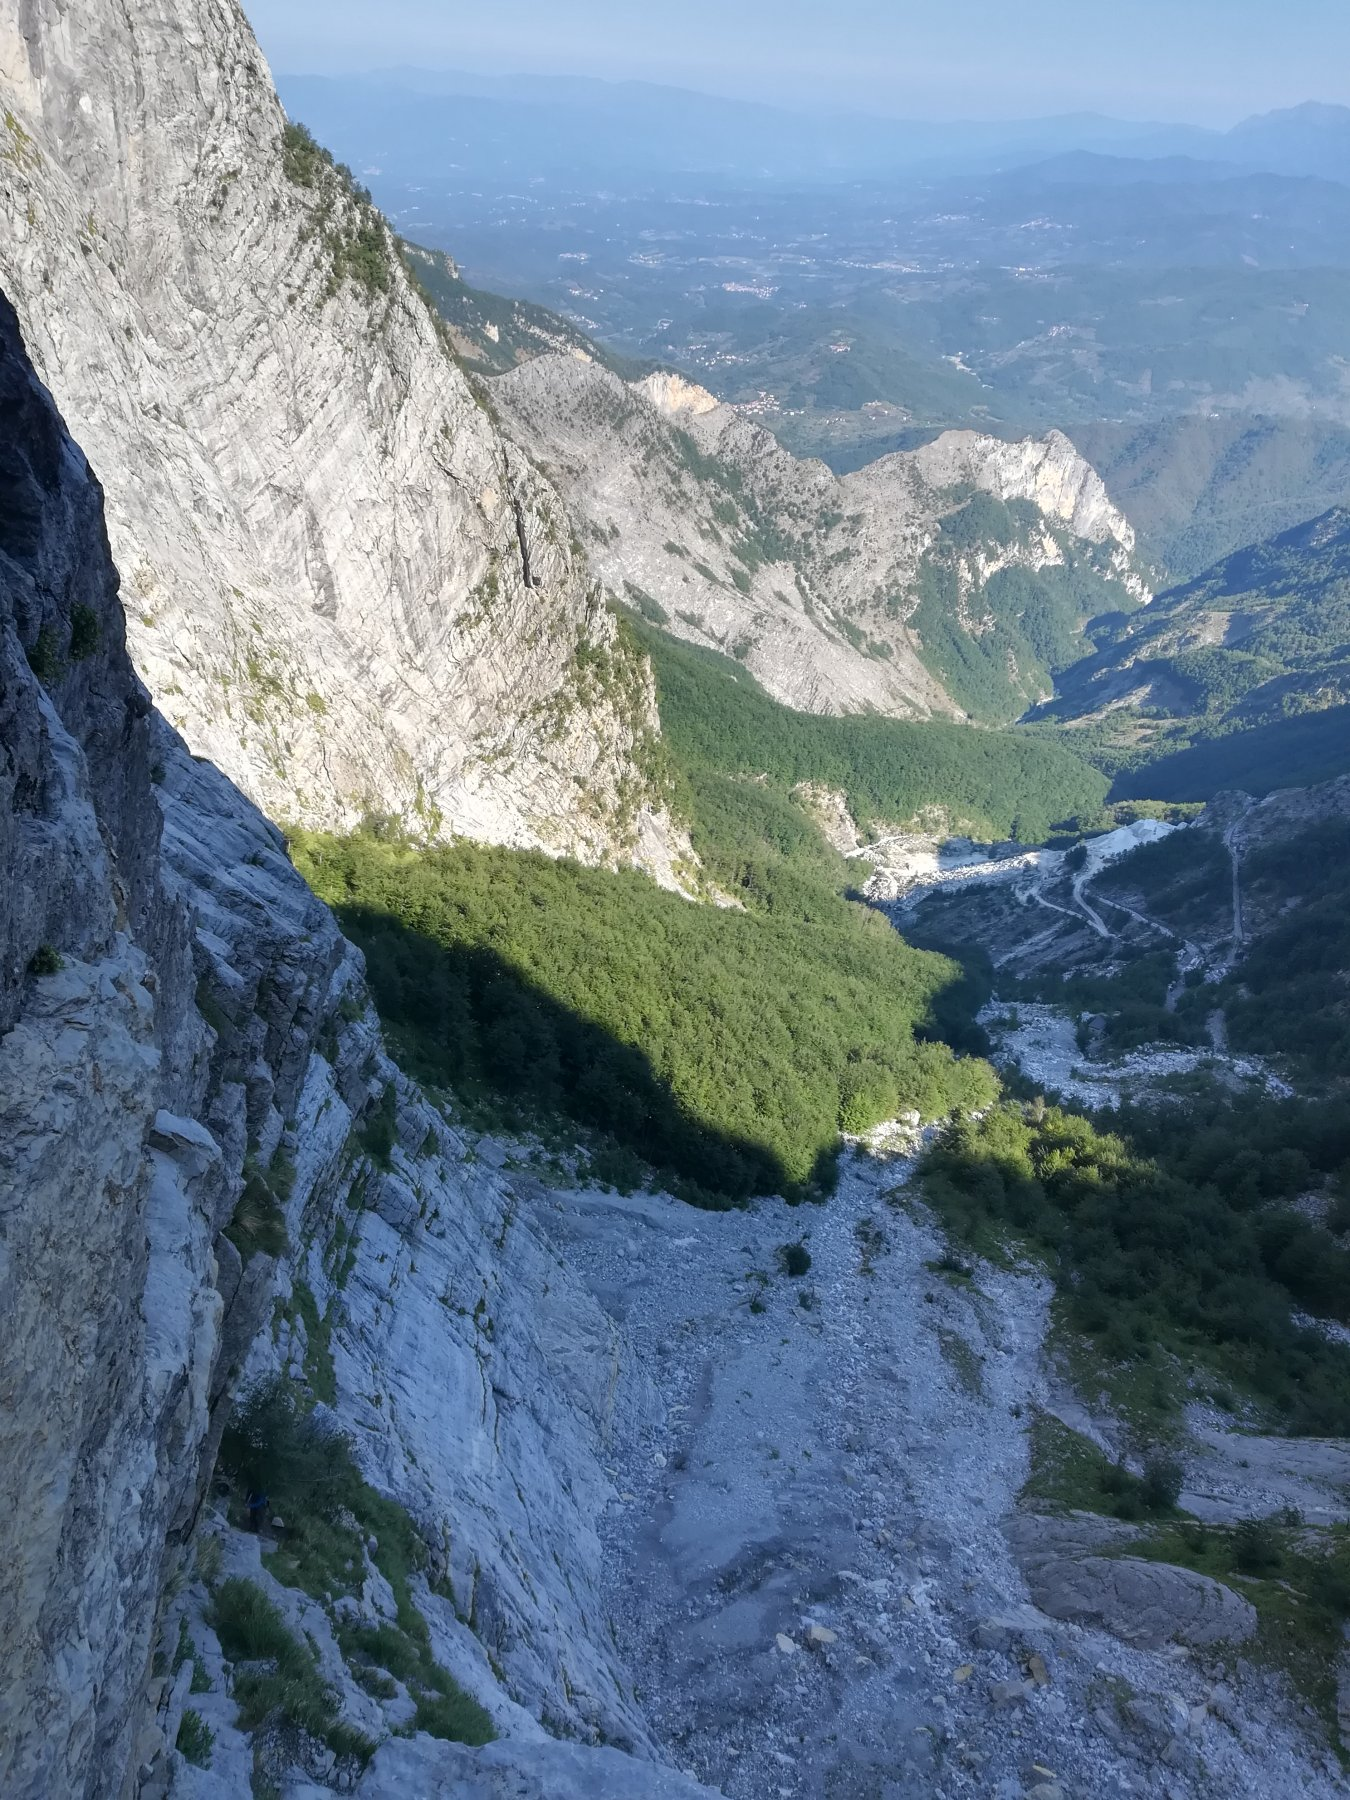 Dalla fine della rampa iniziale sguardo sulla valle del Solco d'Equi